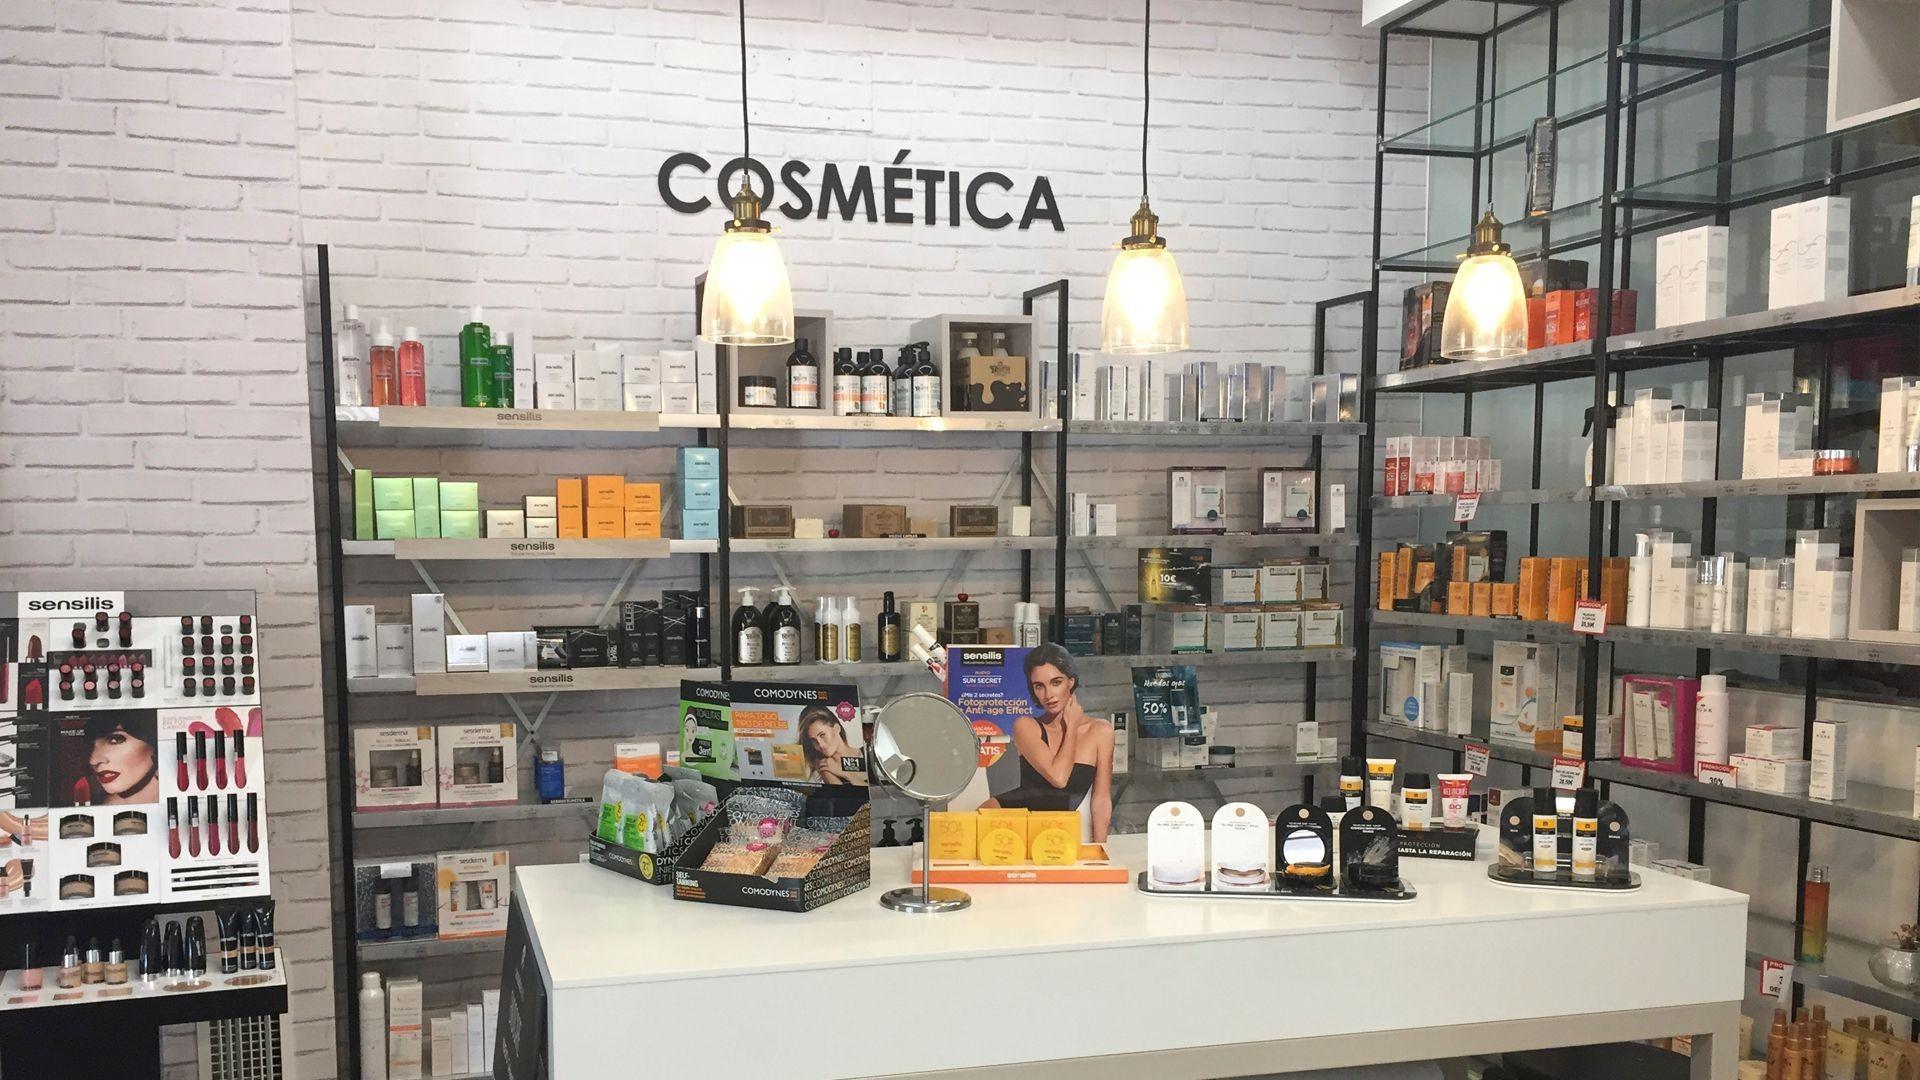 Farmacia con productos de cosmética en Ciudad Real